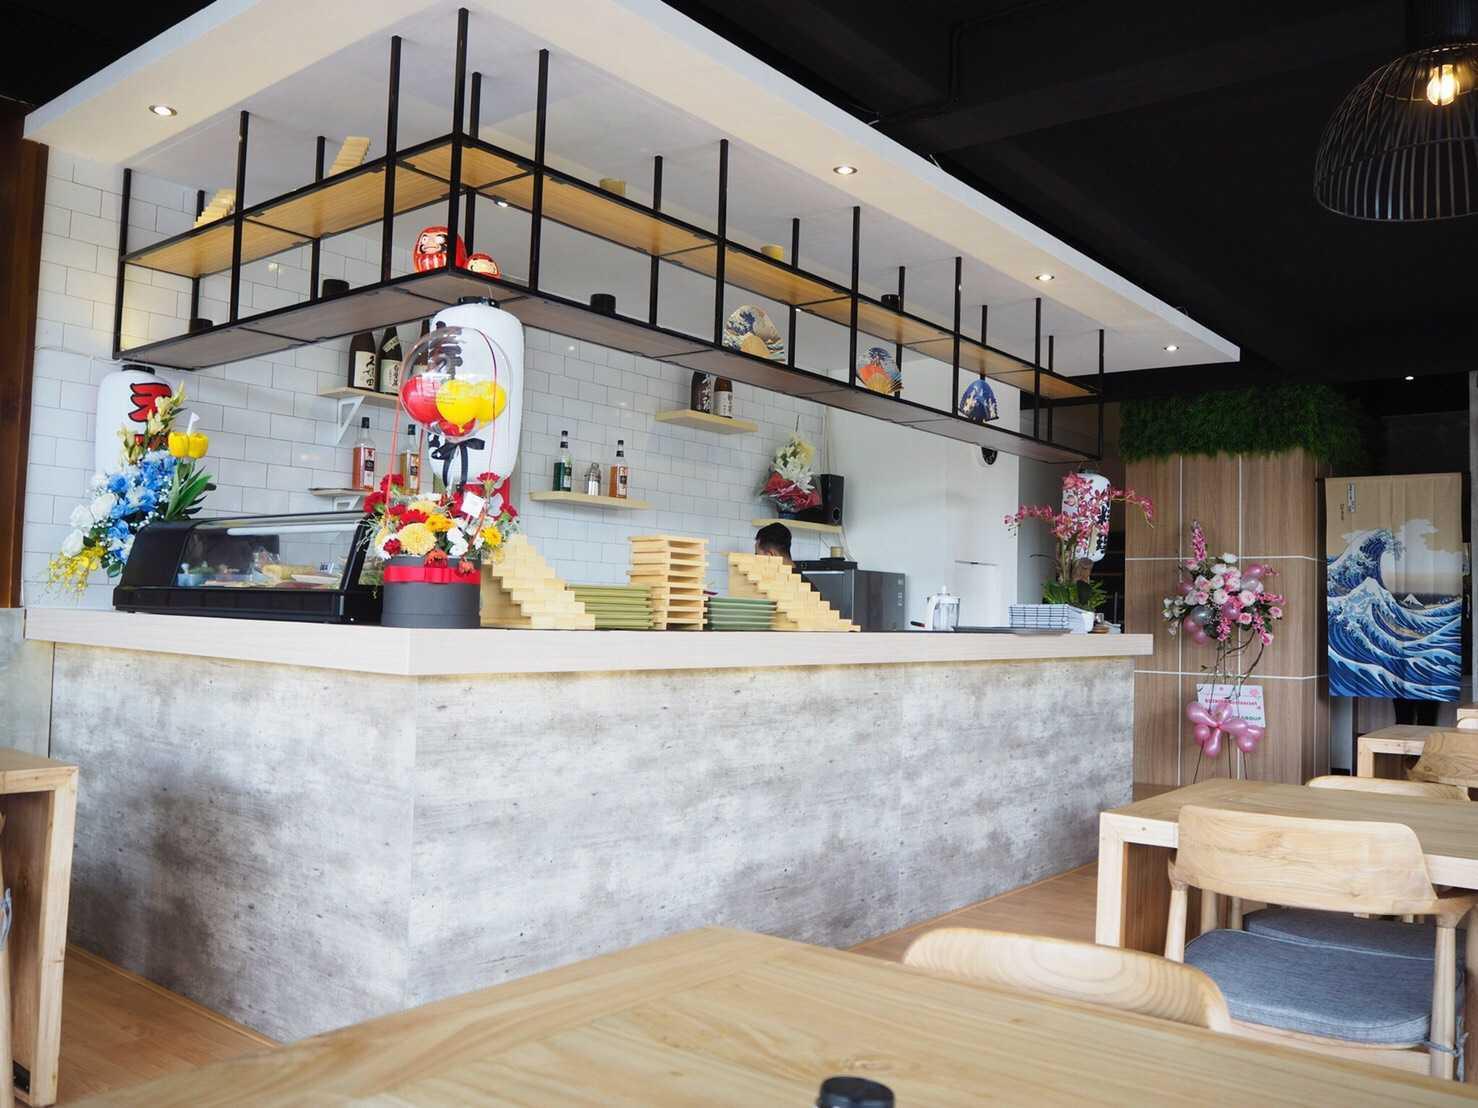 Zeta Interior Design Kushiro Japanese Restaurant Surabaya, Kota Sby, Jawa Timur, Indonesia Surabaya, Kota Sby, Jawa Timur, Indonesia Zeta-Interior-Design-Kushiro-Japanese-Restaurant  75763